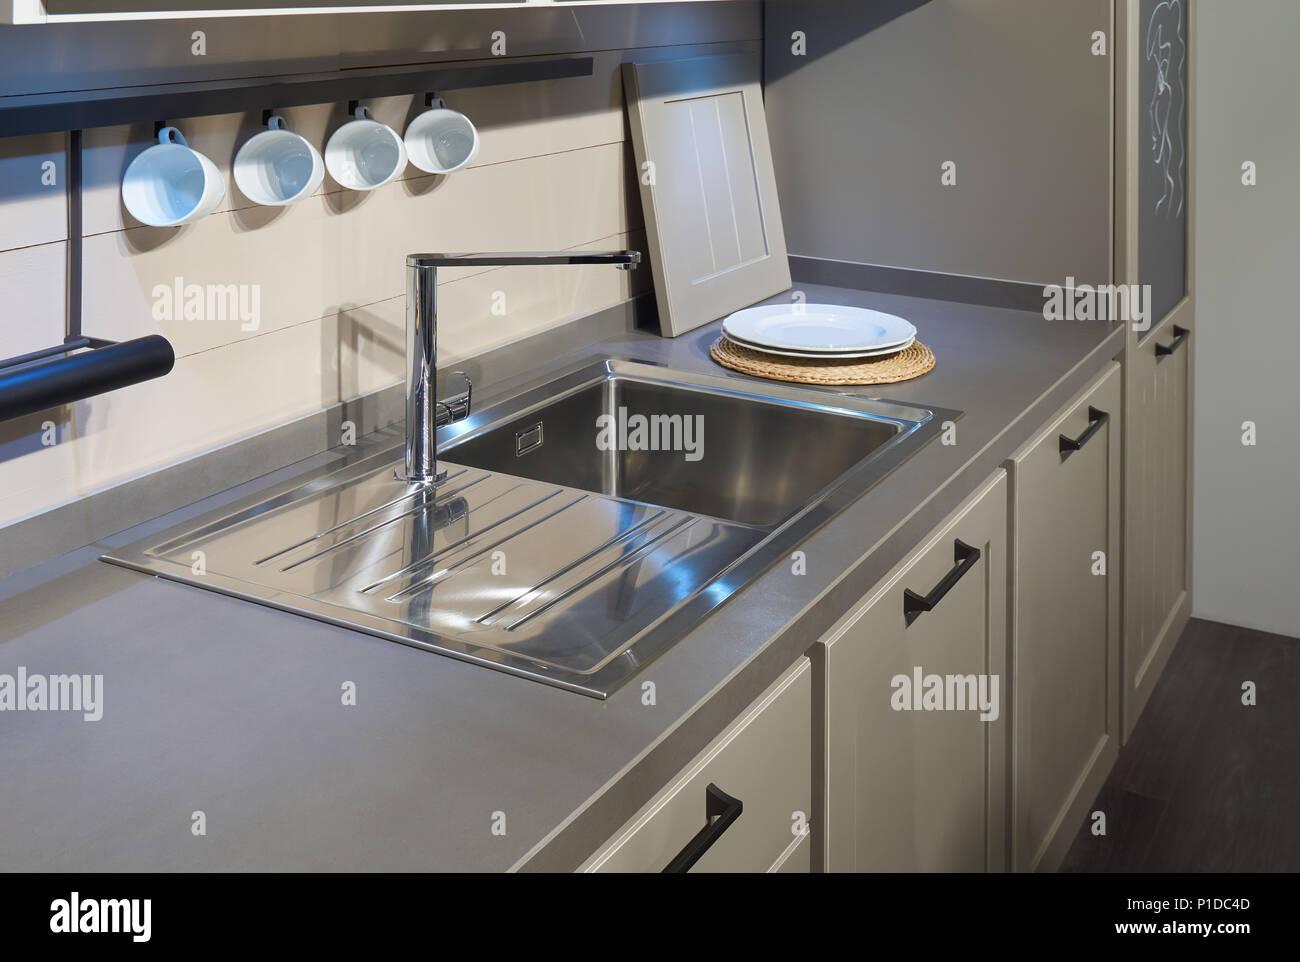 Cucina moderna mobili, ancora in acciaio inox lavello, miscelatore ...